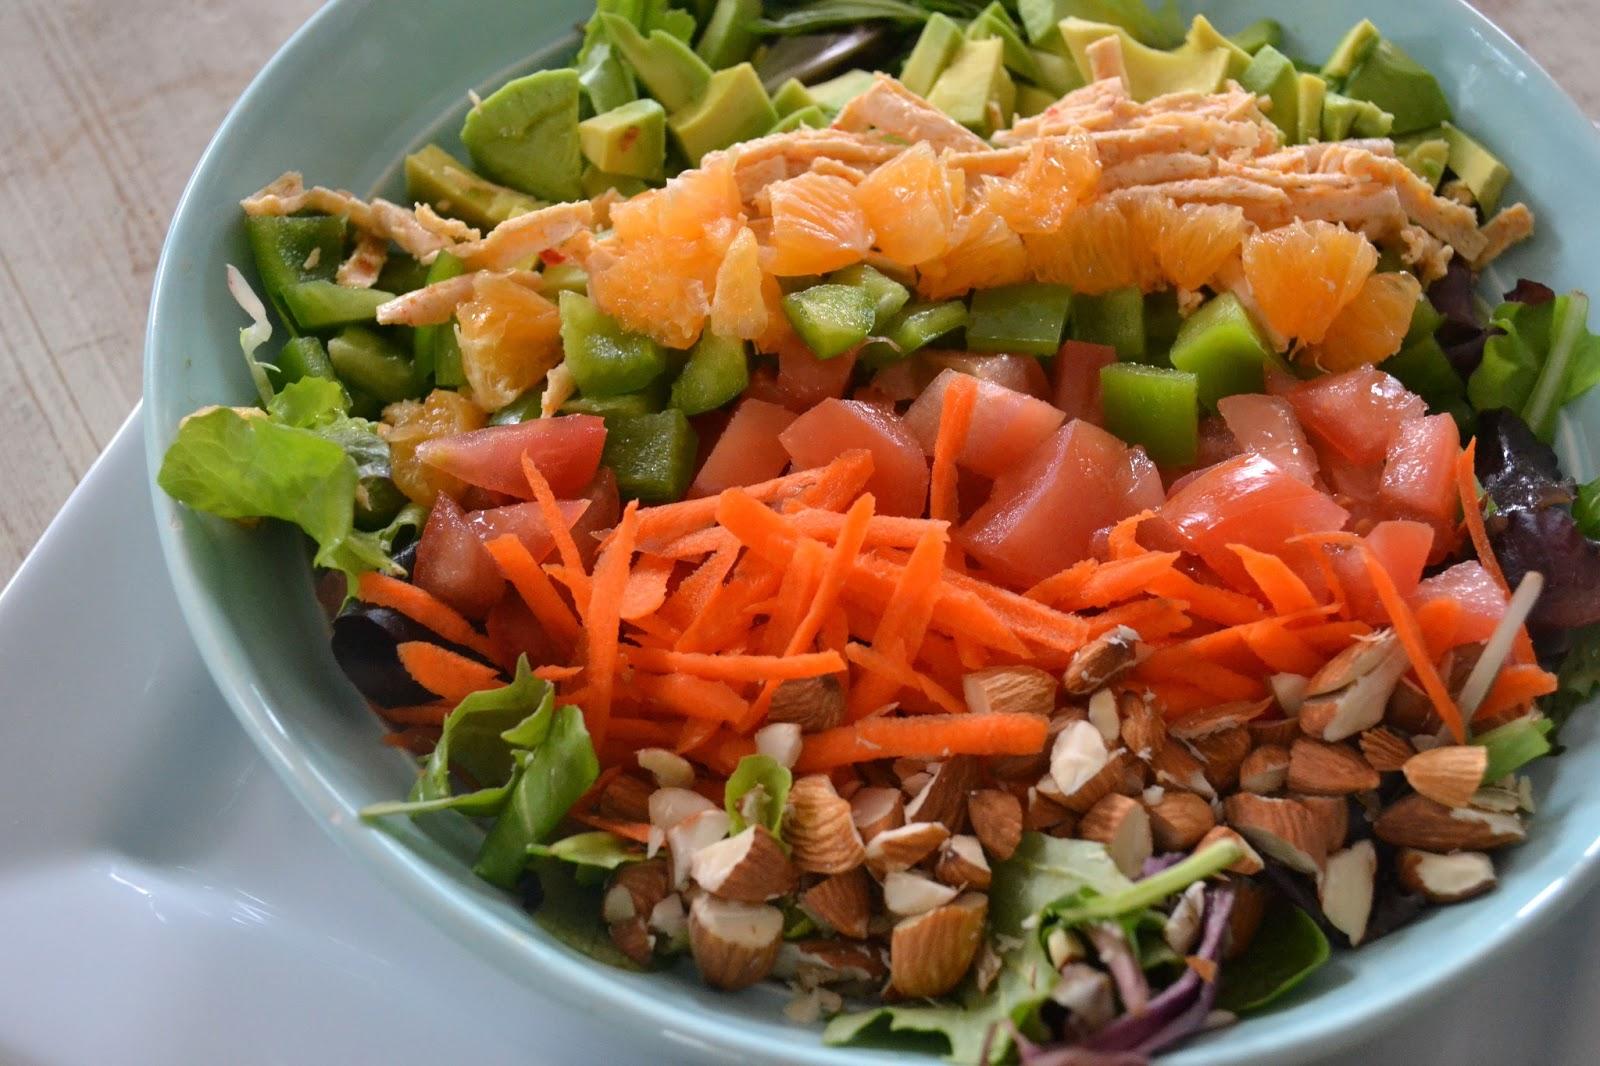 Kirsten's Kitchen: of vegan creations: Cobb salad { vegan }